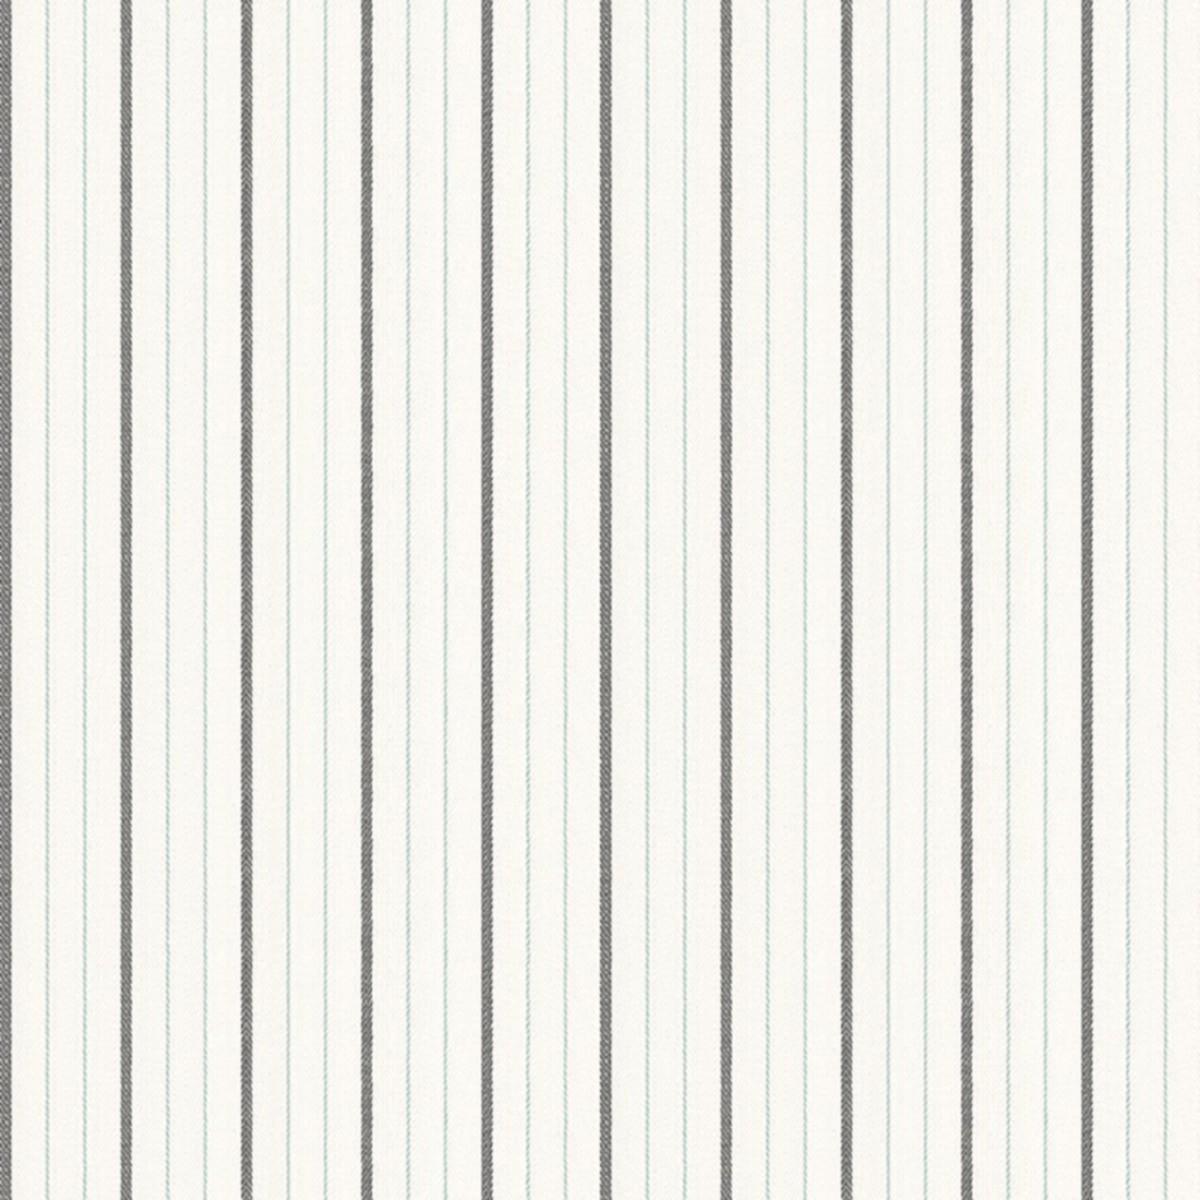 Виниловые обои Paper Partnership серые WP0091004 0.52 м